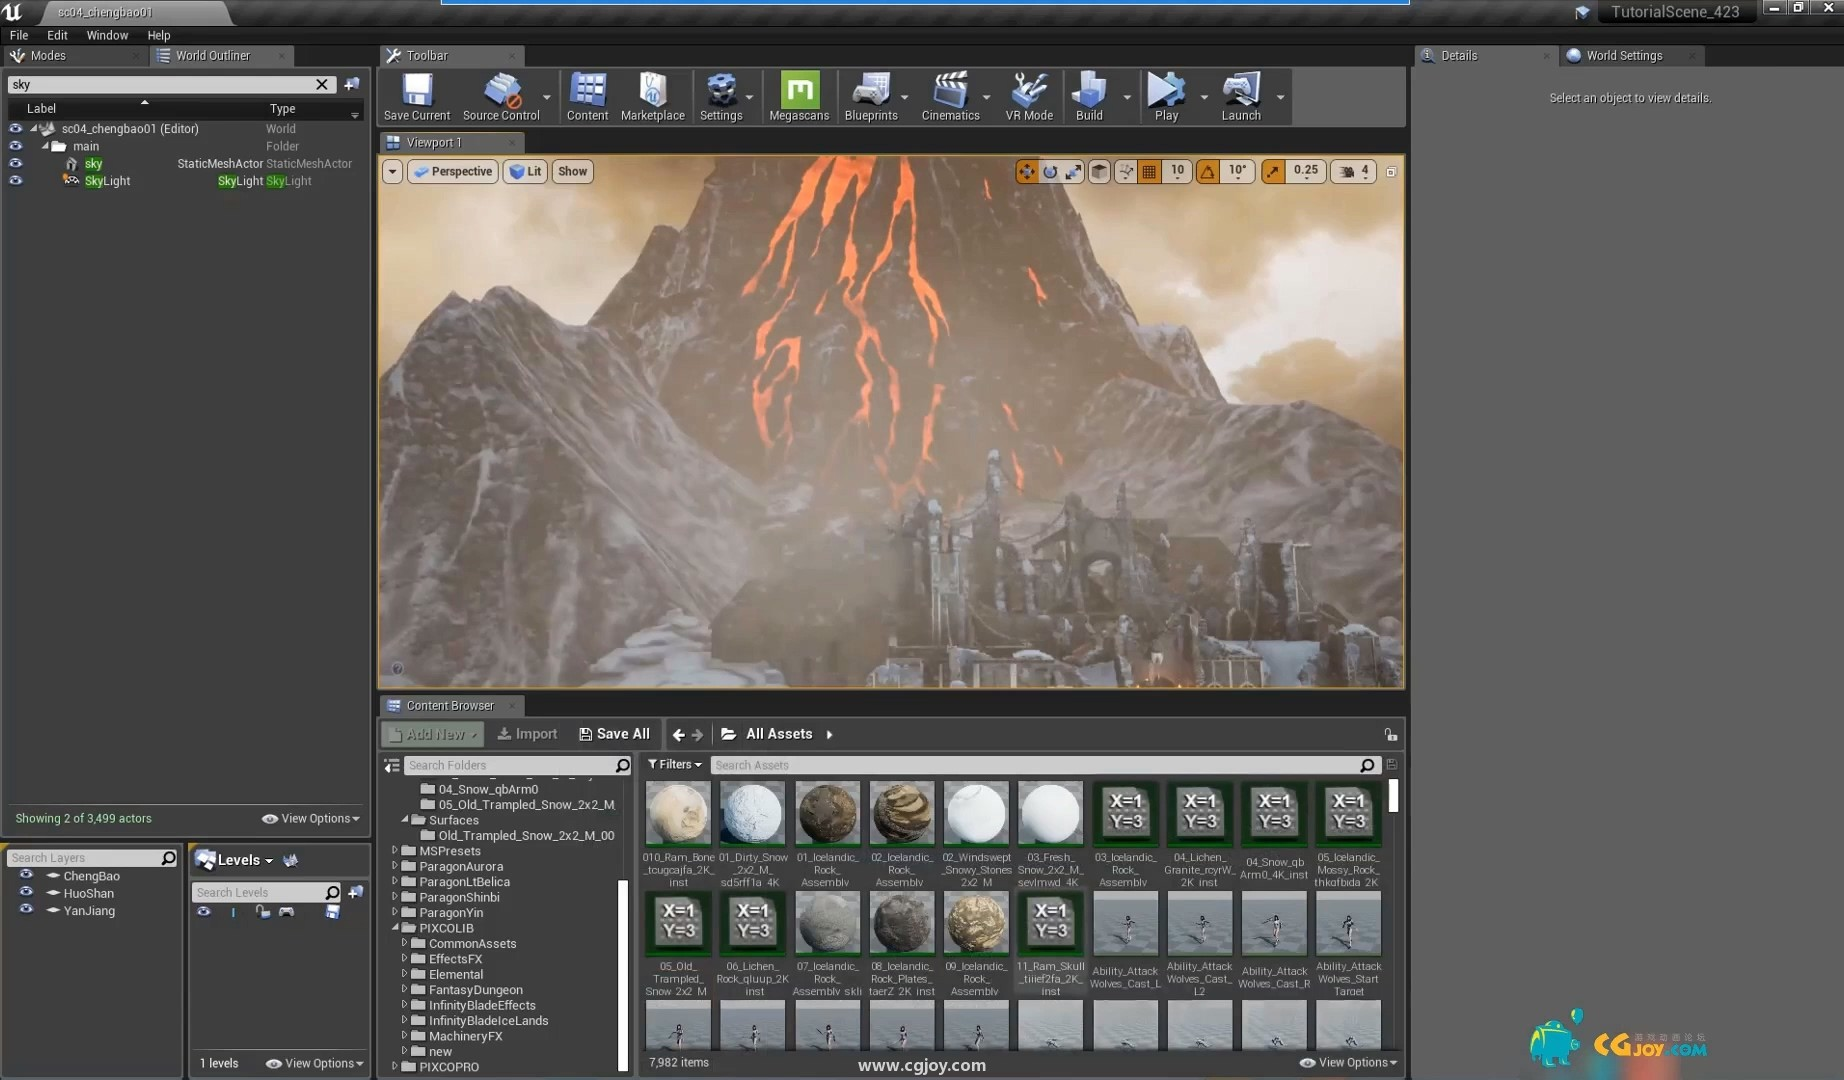 《虚幻引擎CG制作技术》——虚幻引擎的优势及界面介绍.mp4_20200102_231204.826.jpg